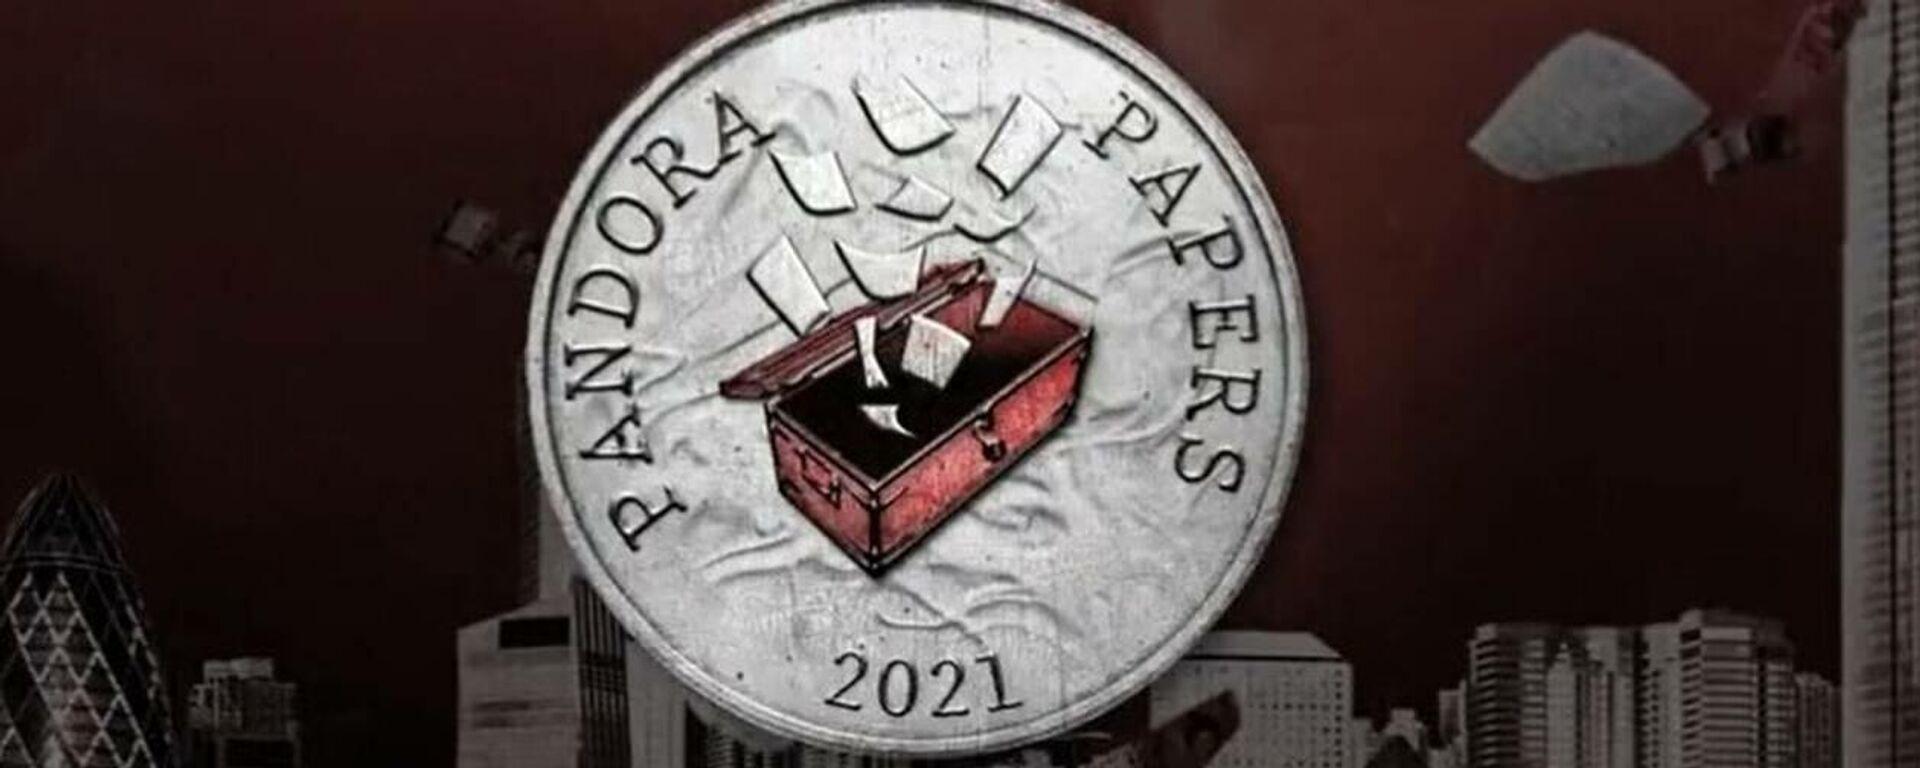 Pandora Papers - Sputnik Ελλάδα, 1920, 03.10.2021